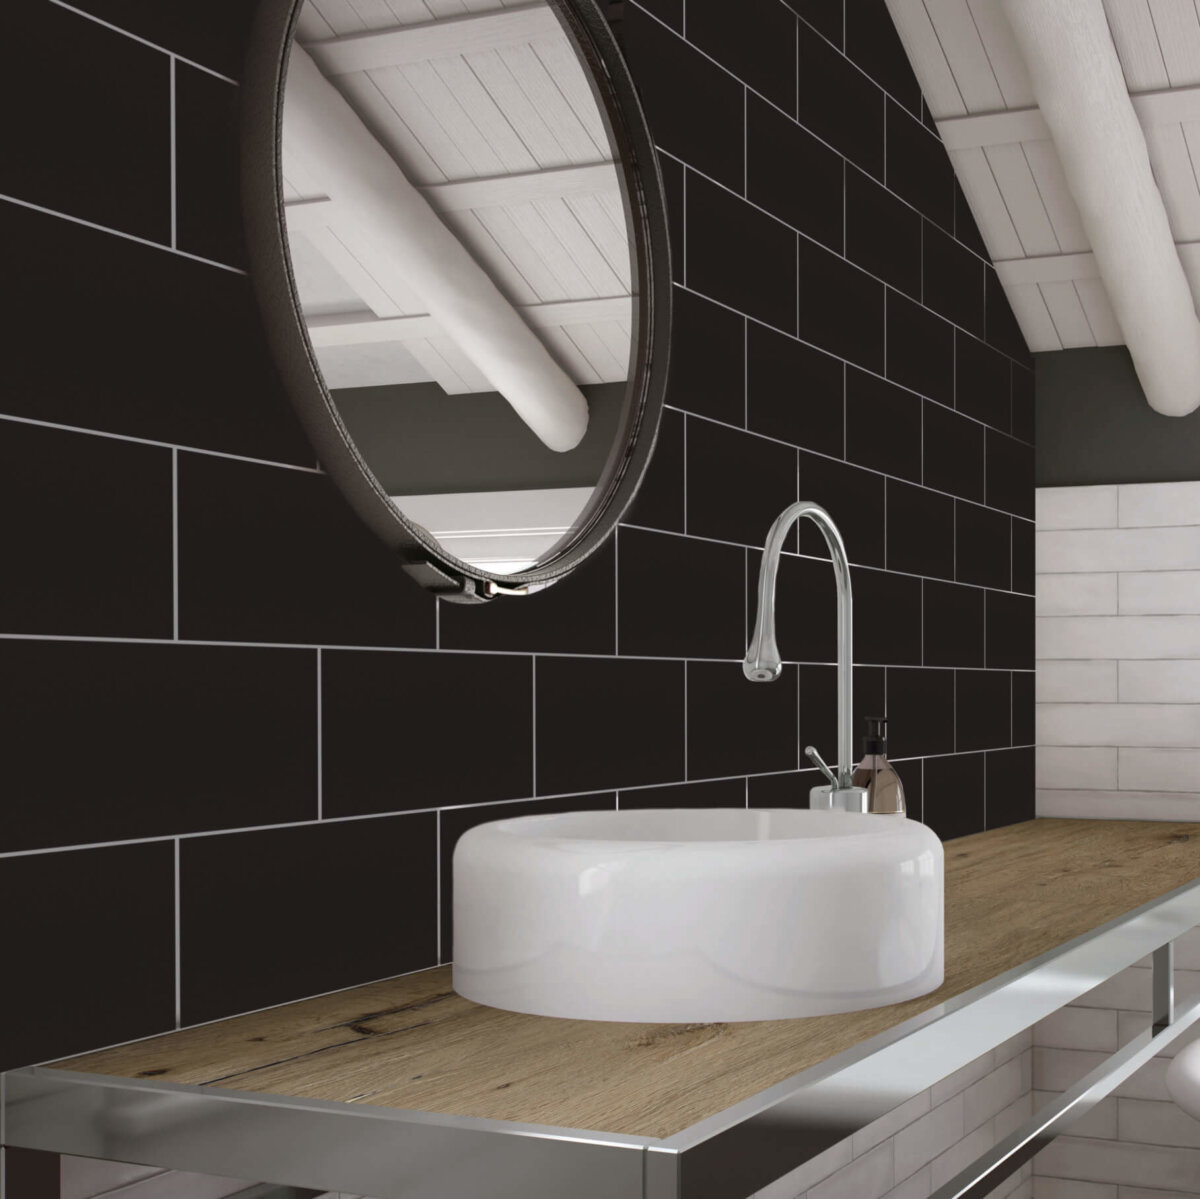 CRS-Black-Brillo-75x150mm_Stiles_Lifestyle_Image-e1623239898962